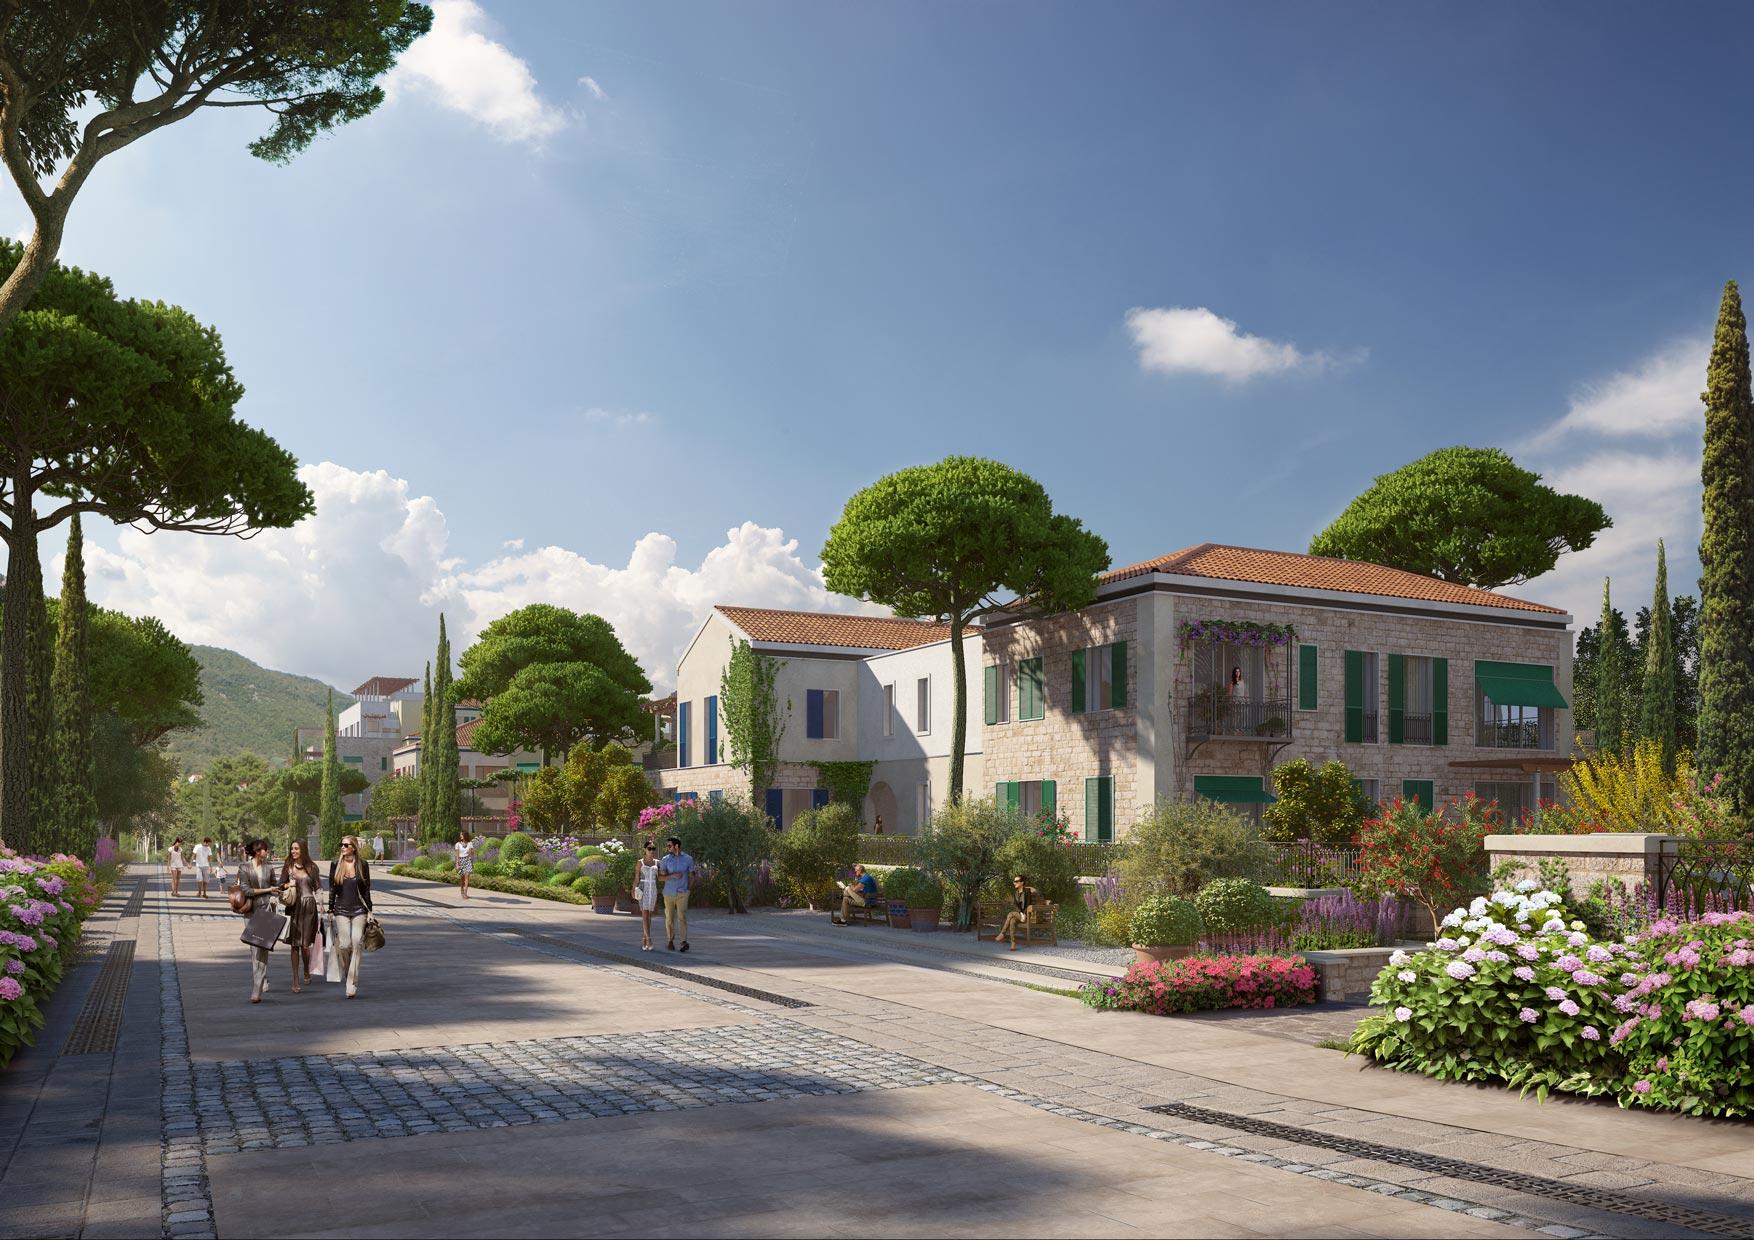 Elite-resort-with-luxury-apartments-in-Herceg-Novi (4).jpg